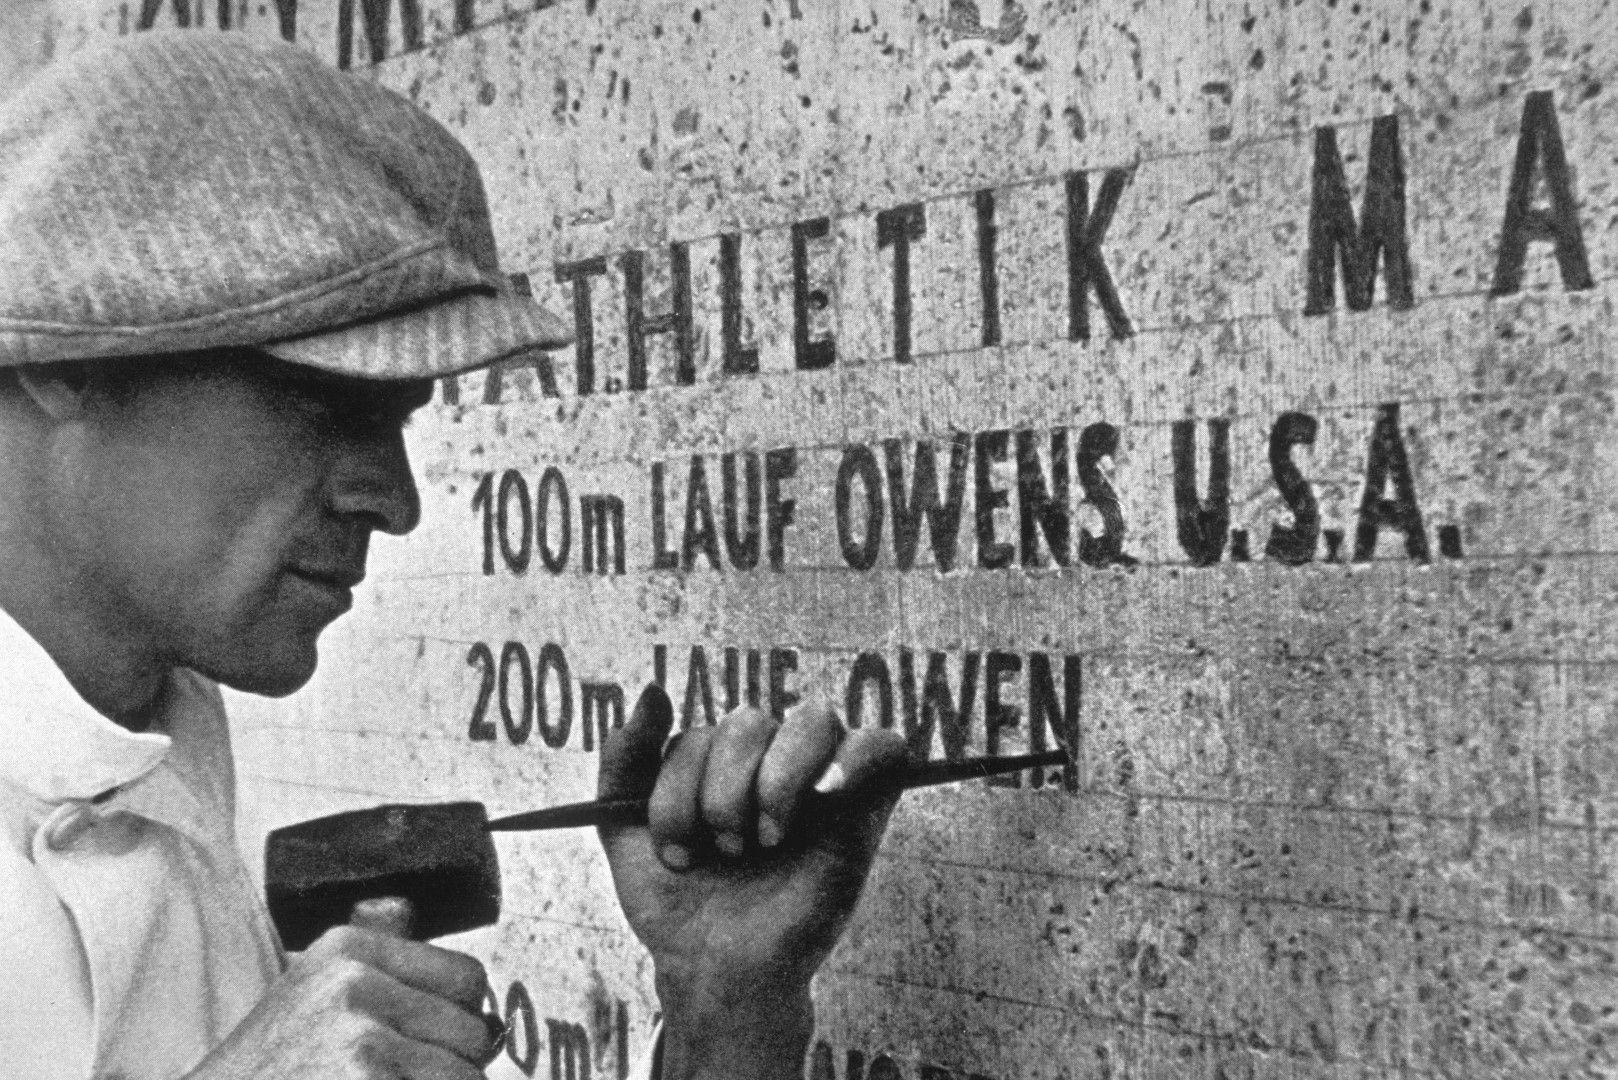 Името на Оуенс е издълбано в бетона на стадиона в Берлин. Снимка: Getty Images